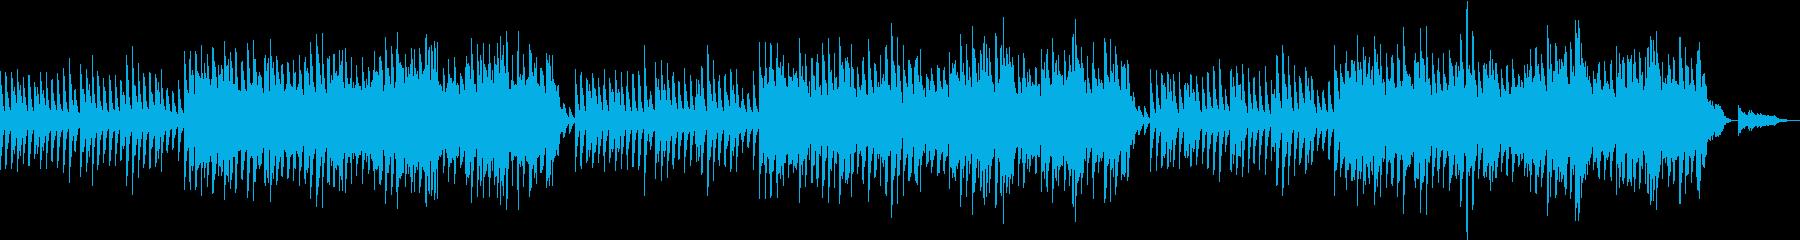 睡眠向けヒーリングbgmの再生済みの波形